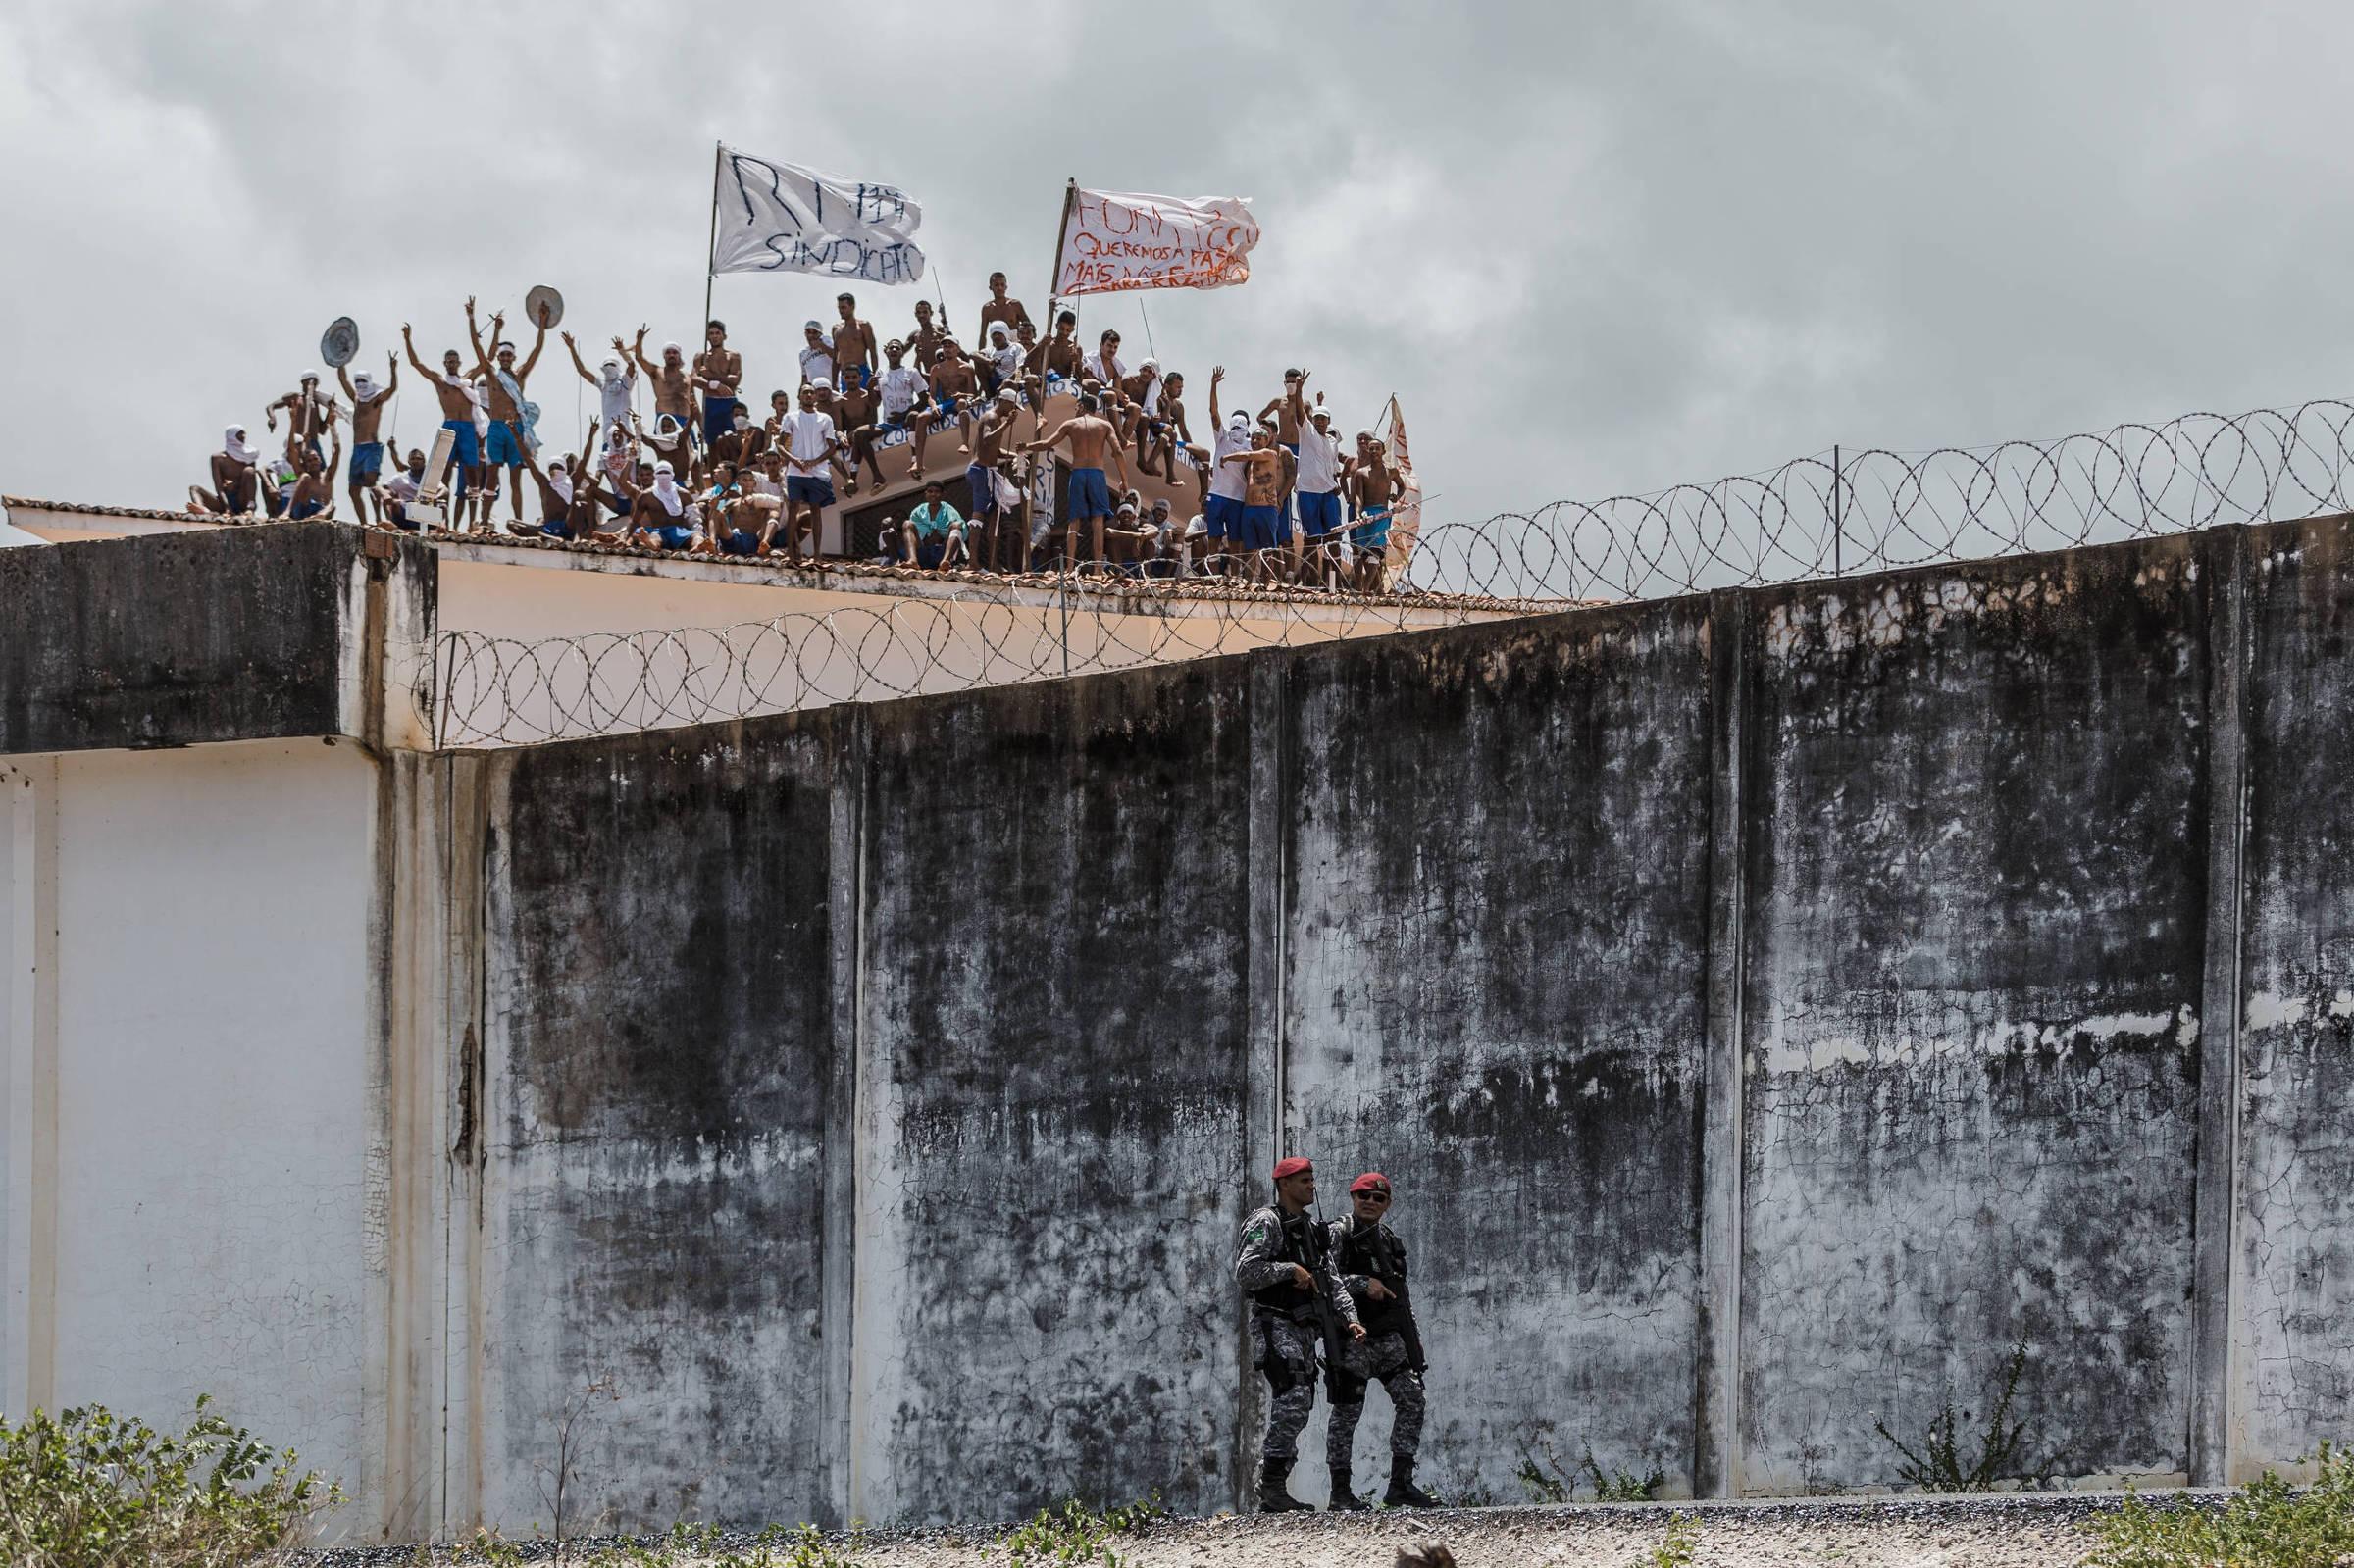 Presos rebelados na Penitenciária Estadual de Alcaçuz, no Rio Grande do Norte - Avener Prado - 16.jan.2017/Folhapress